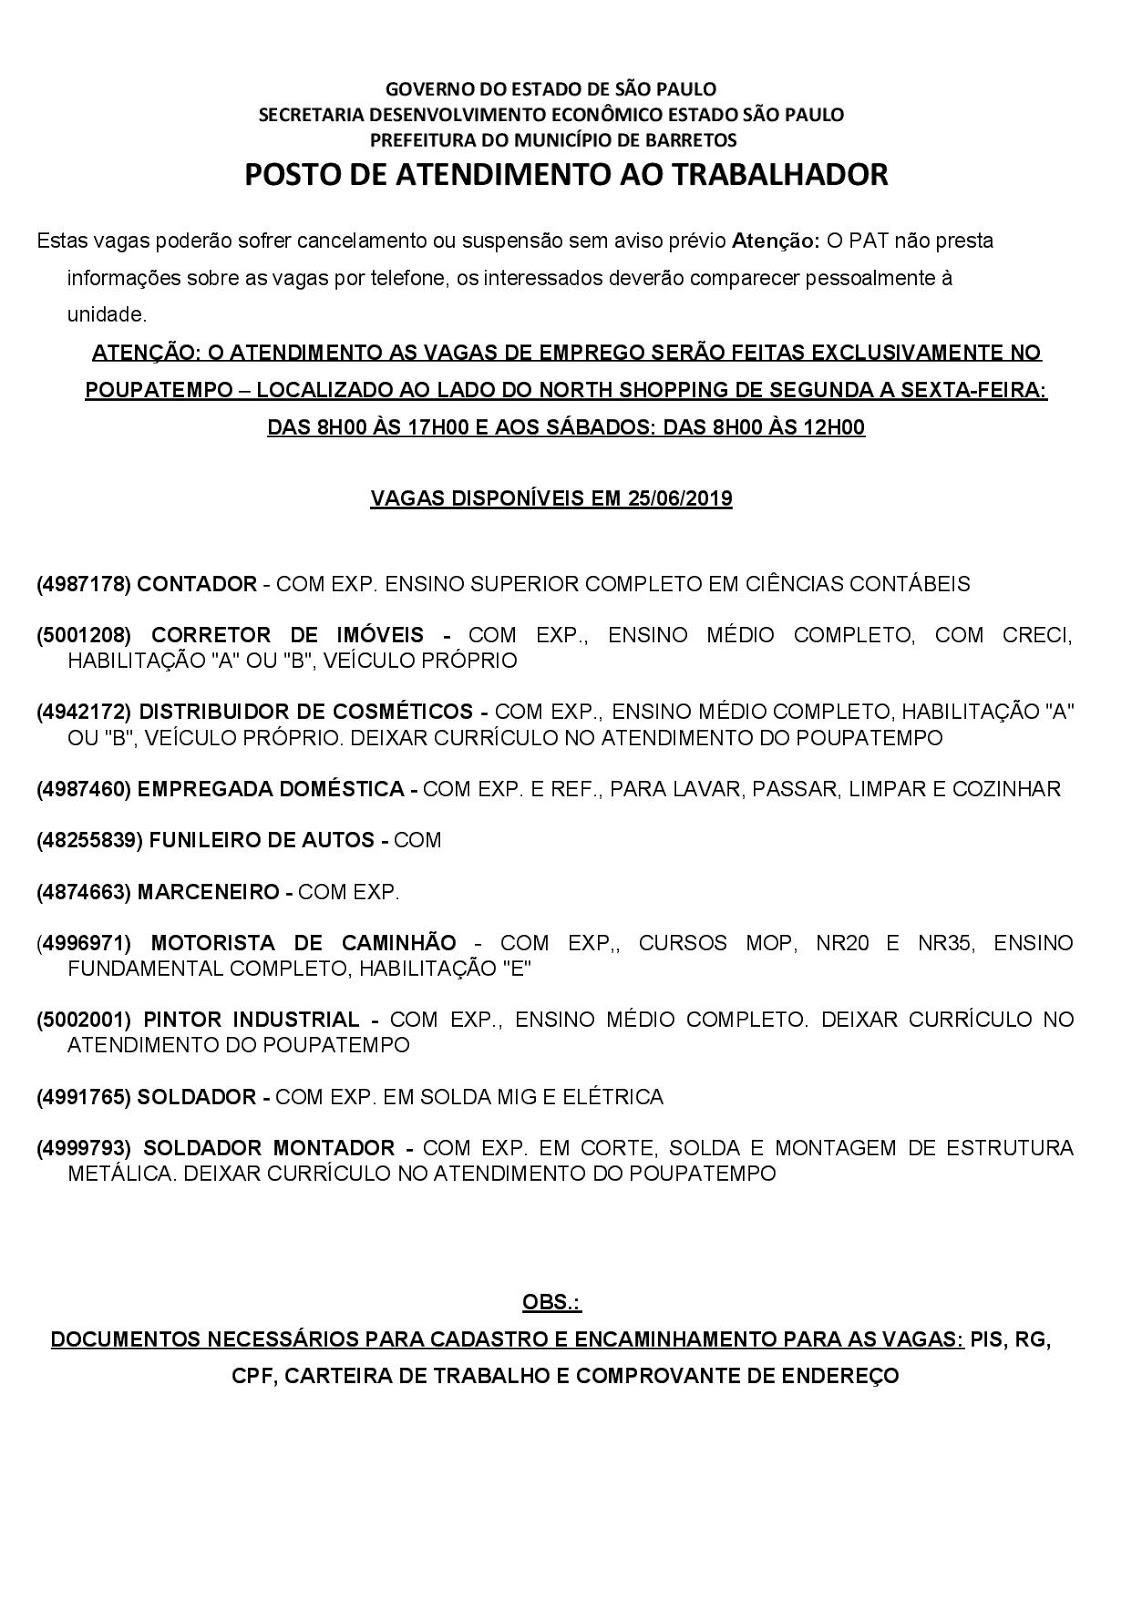 VAGAS DE EMPREGO DO PAT BARRETOS-SP PARA 25/06/2019 (TERÇA-FEIRA)